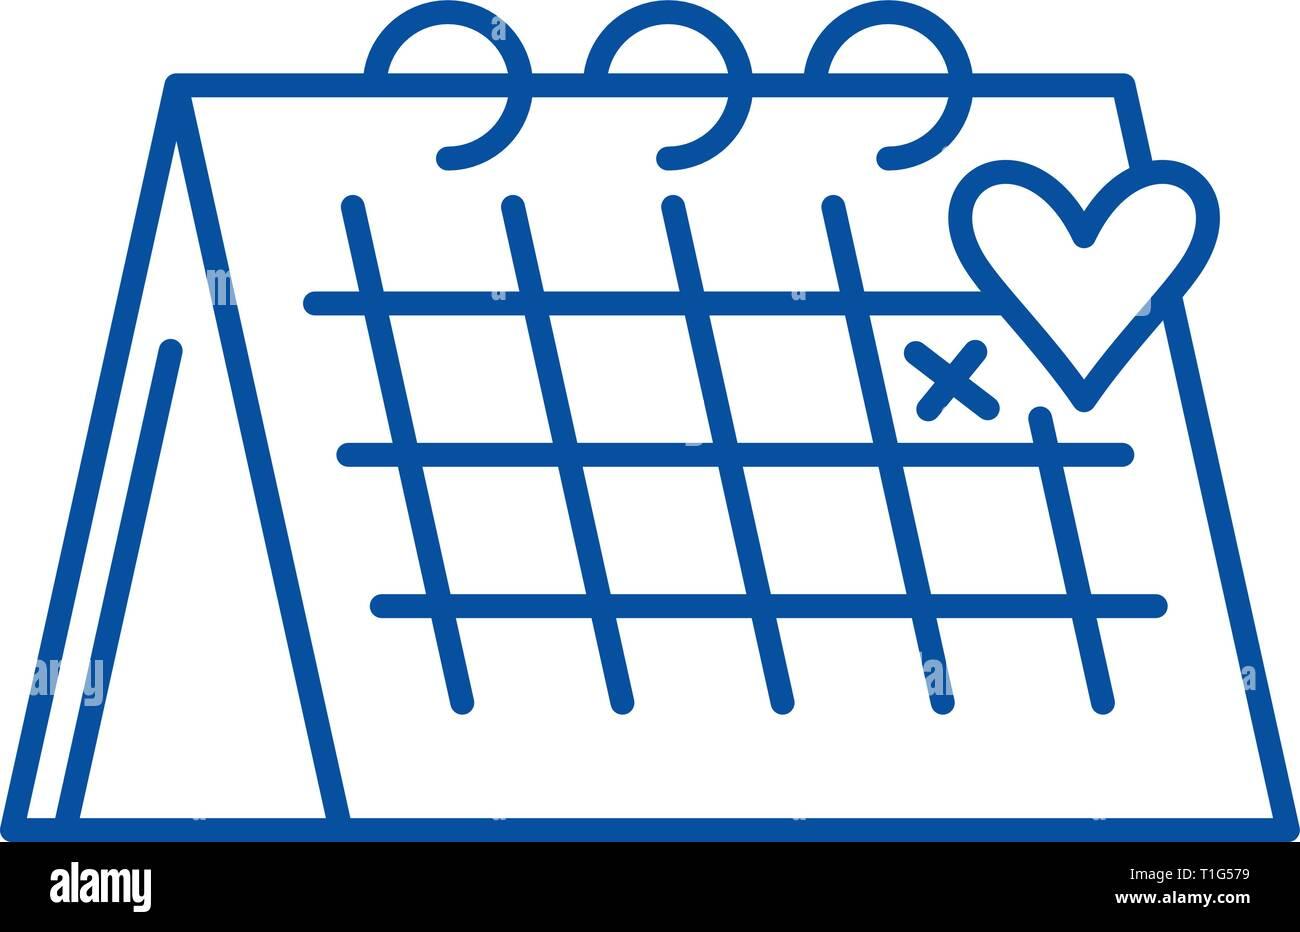 Calendario Icona.Calendario Icona Linea Concept Calendario Piatto Simbolo